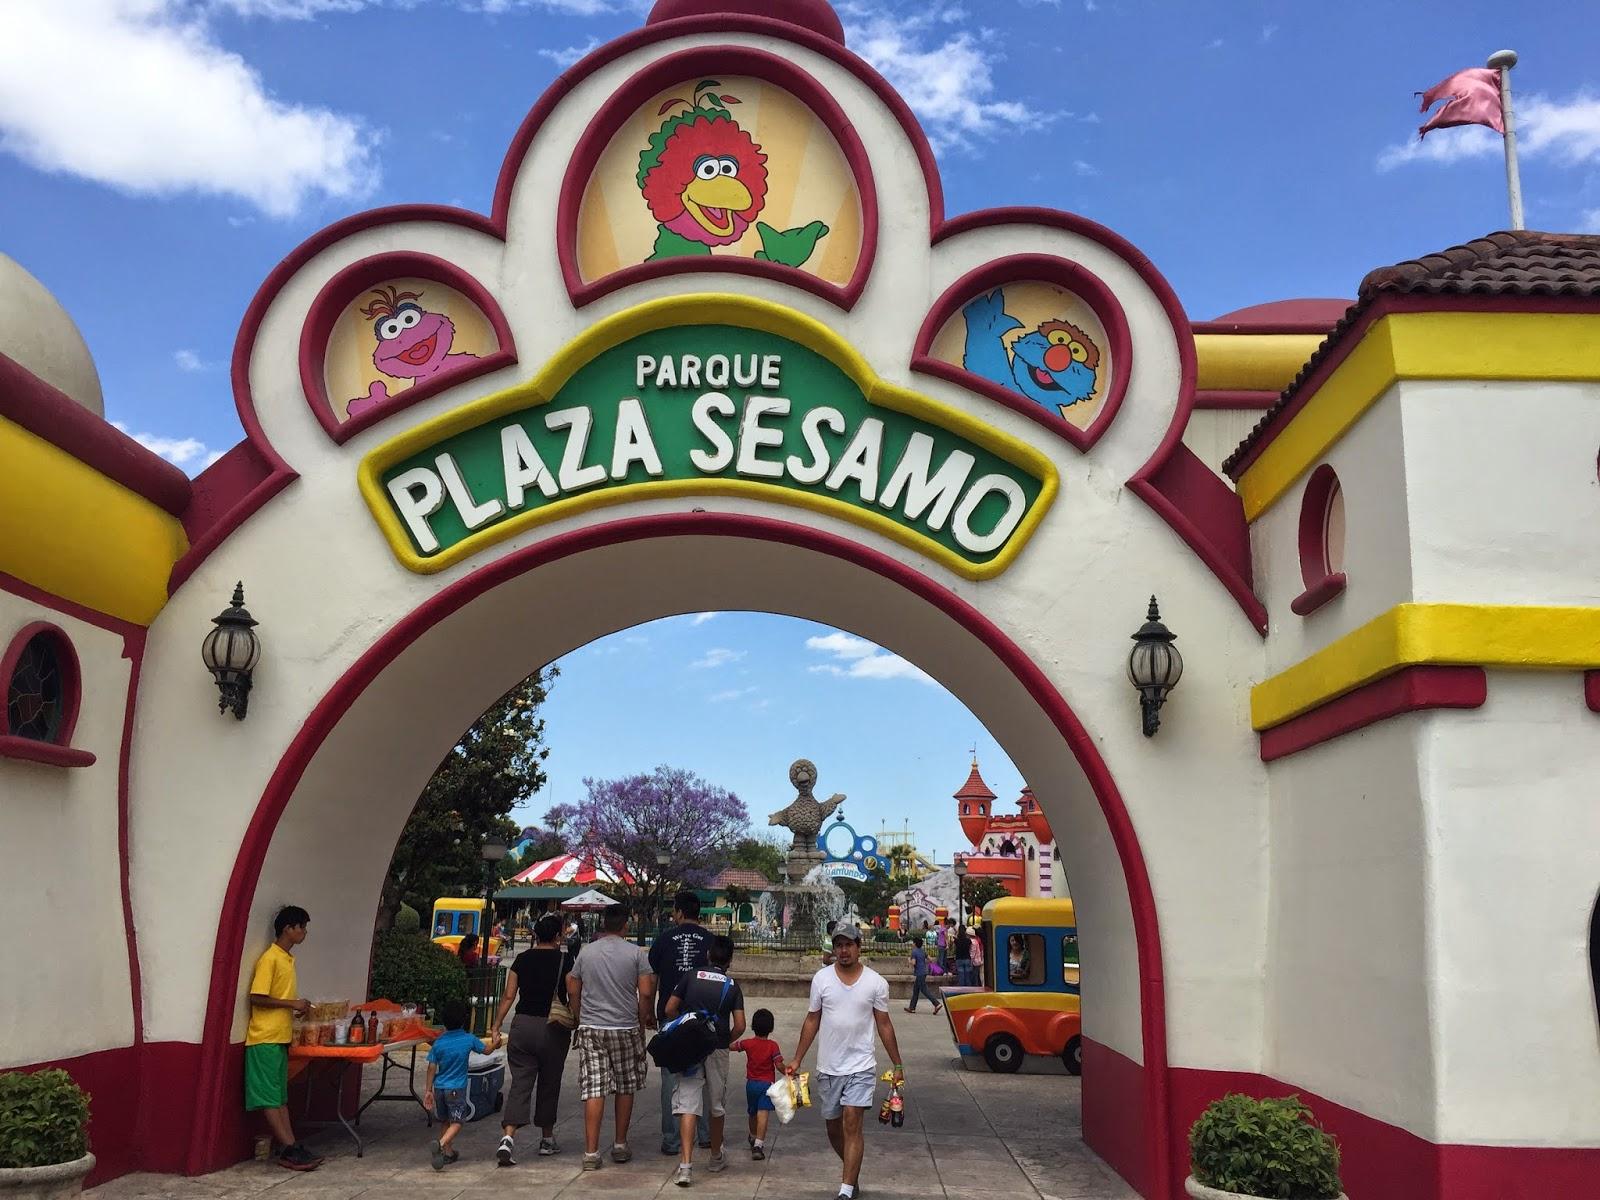 Personas entrando al Parque Plaza Sésamo en Monterrey